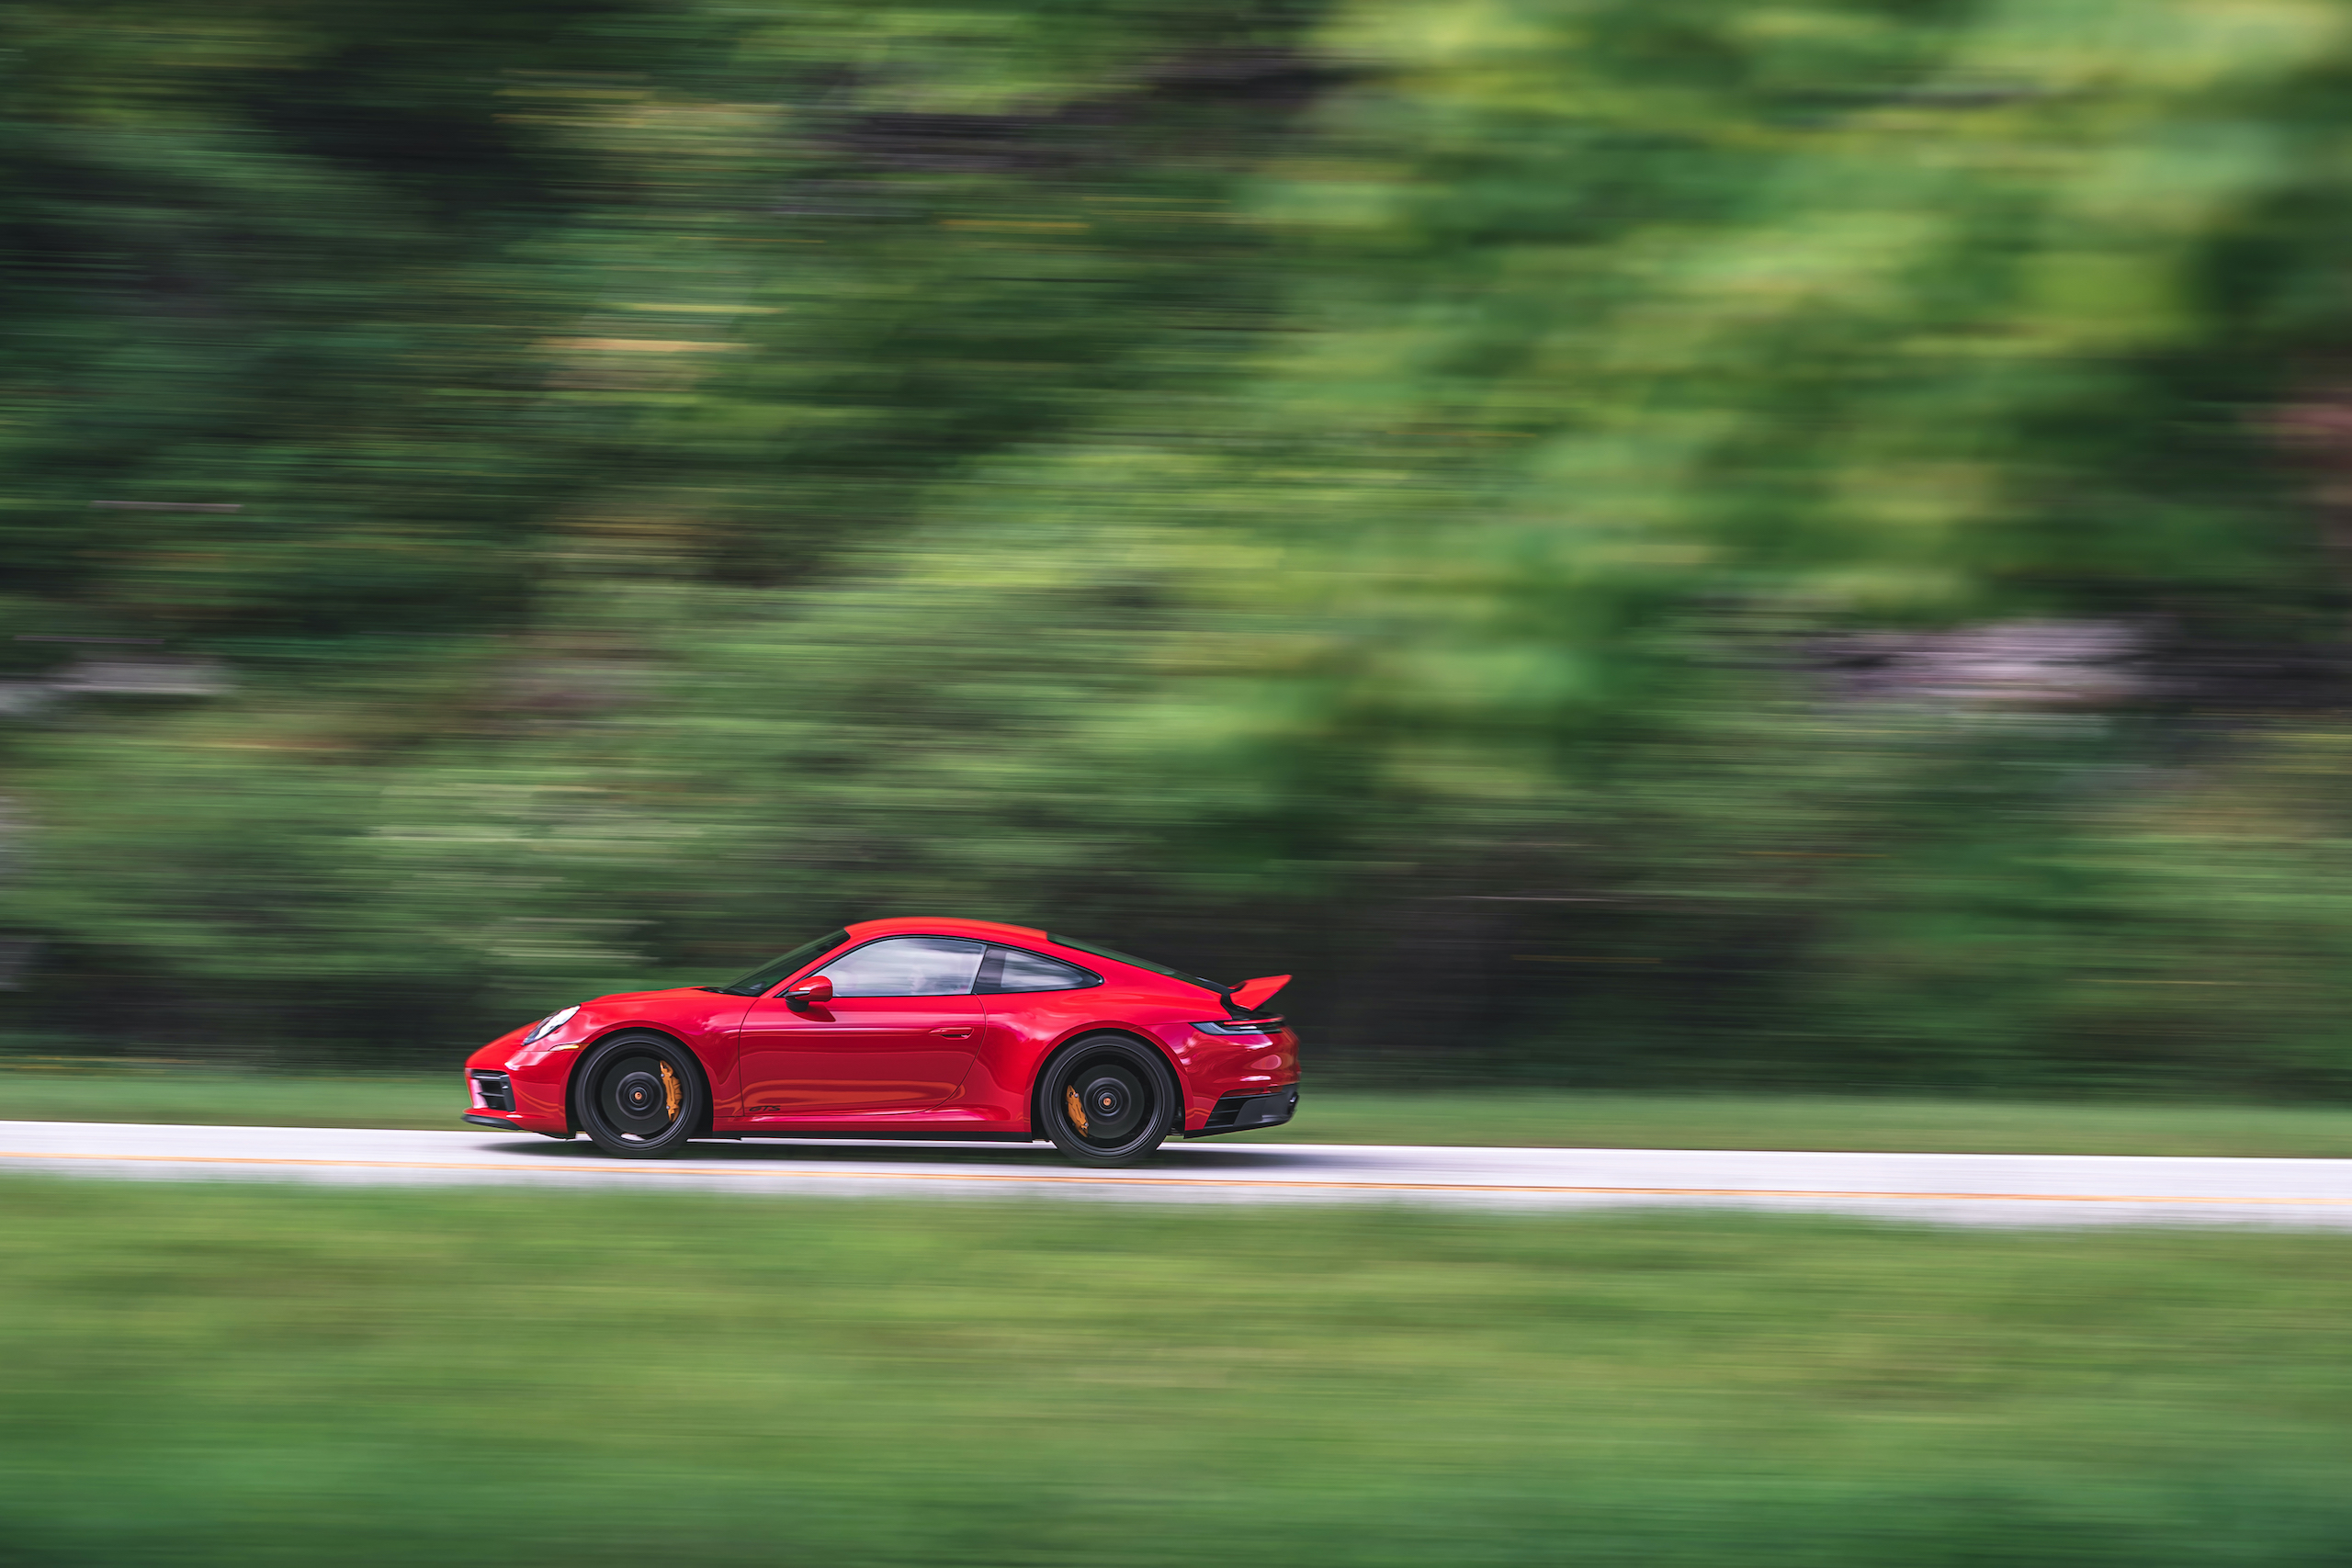 Porsche 911 GTS side profile action